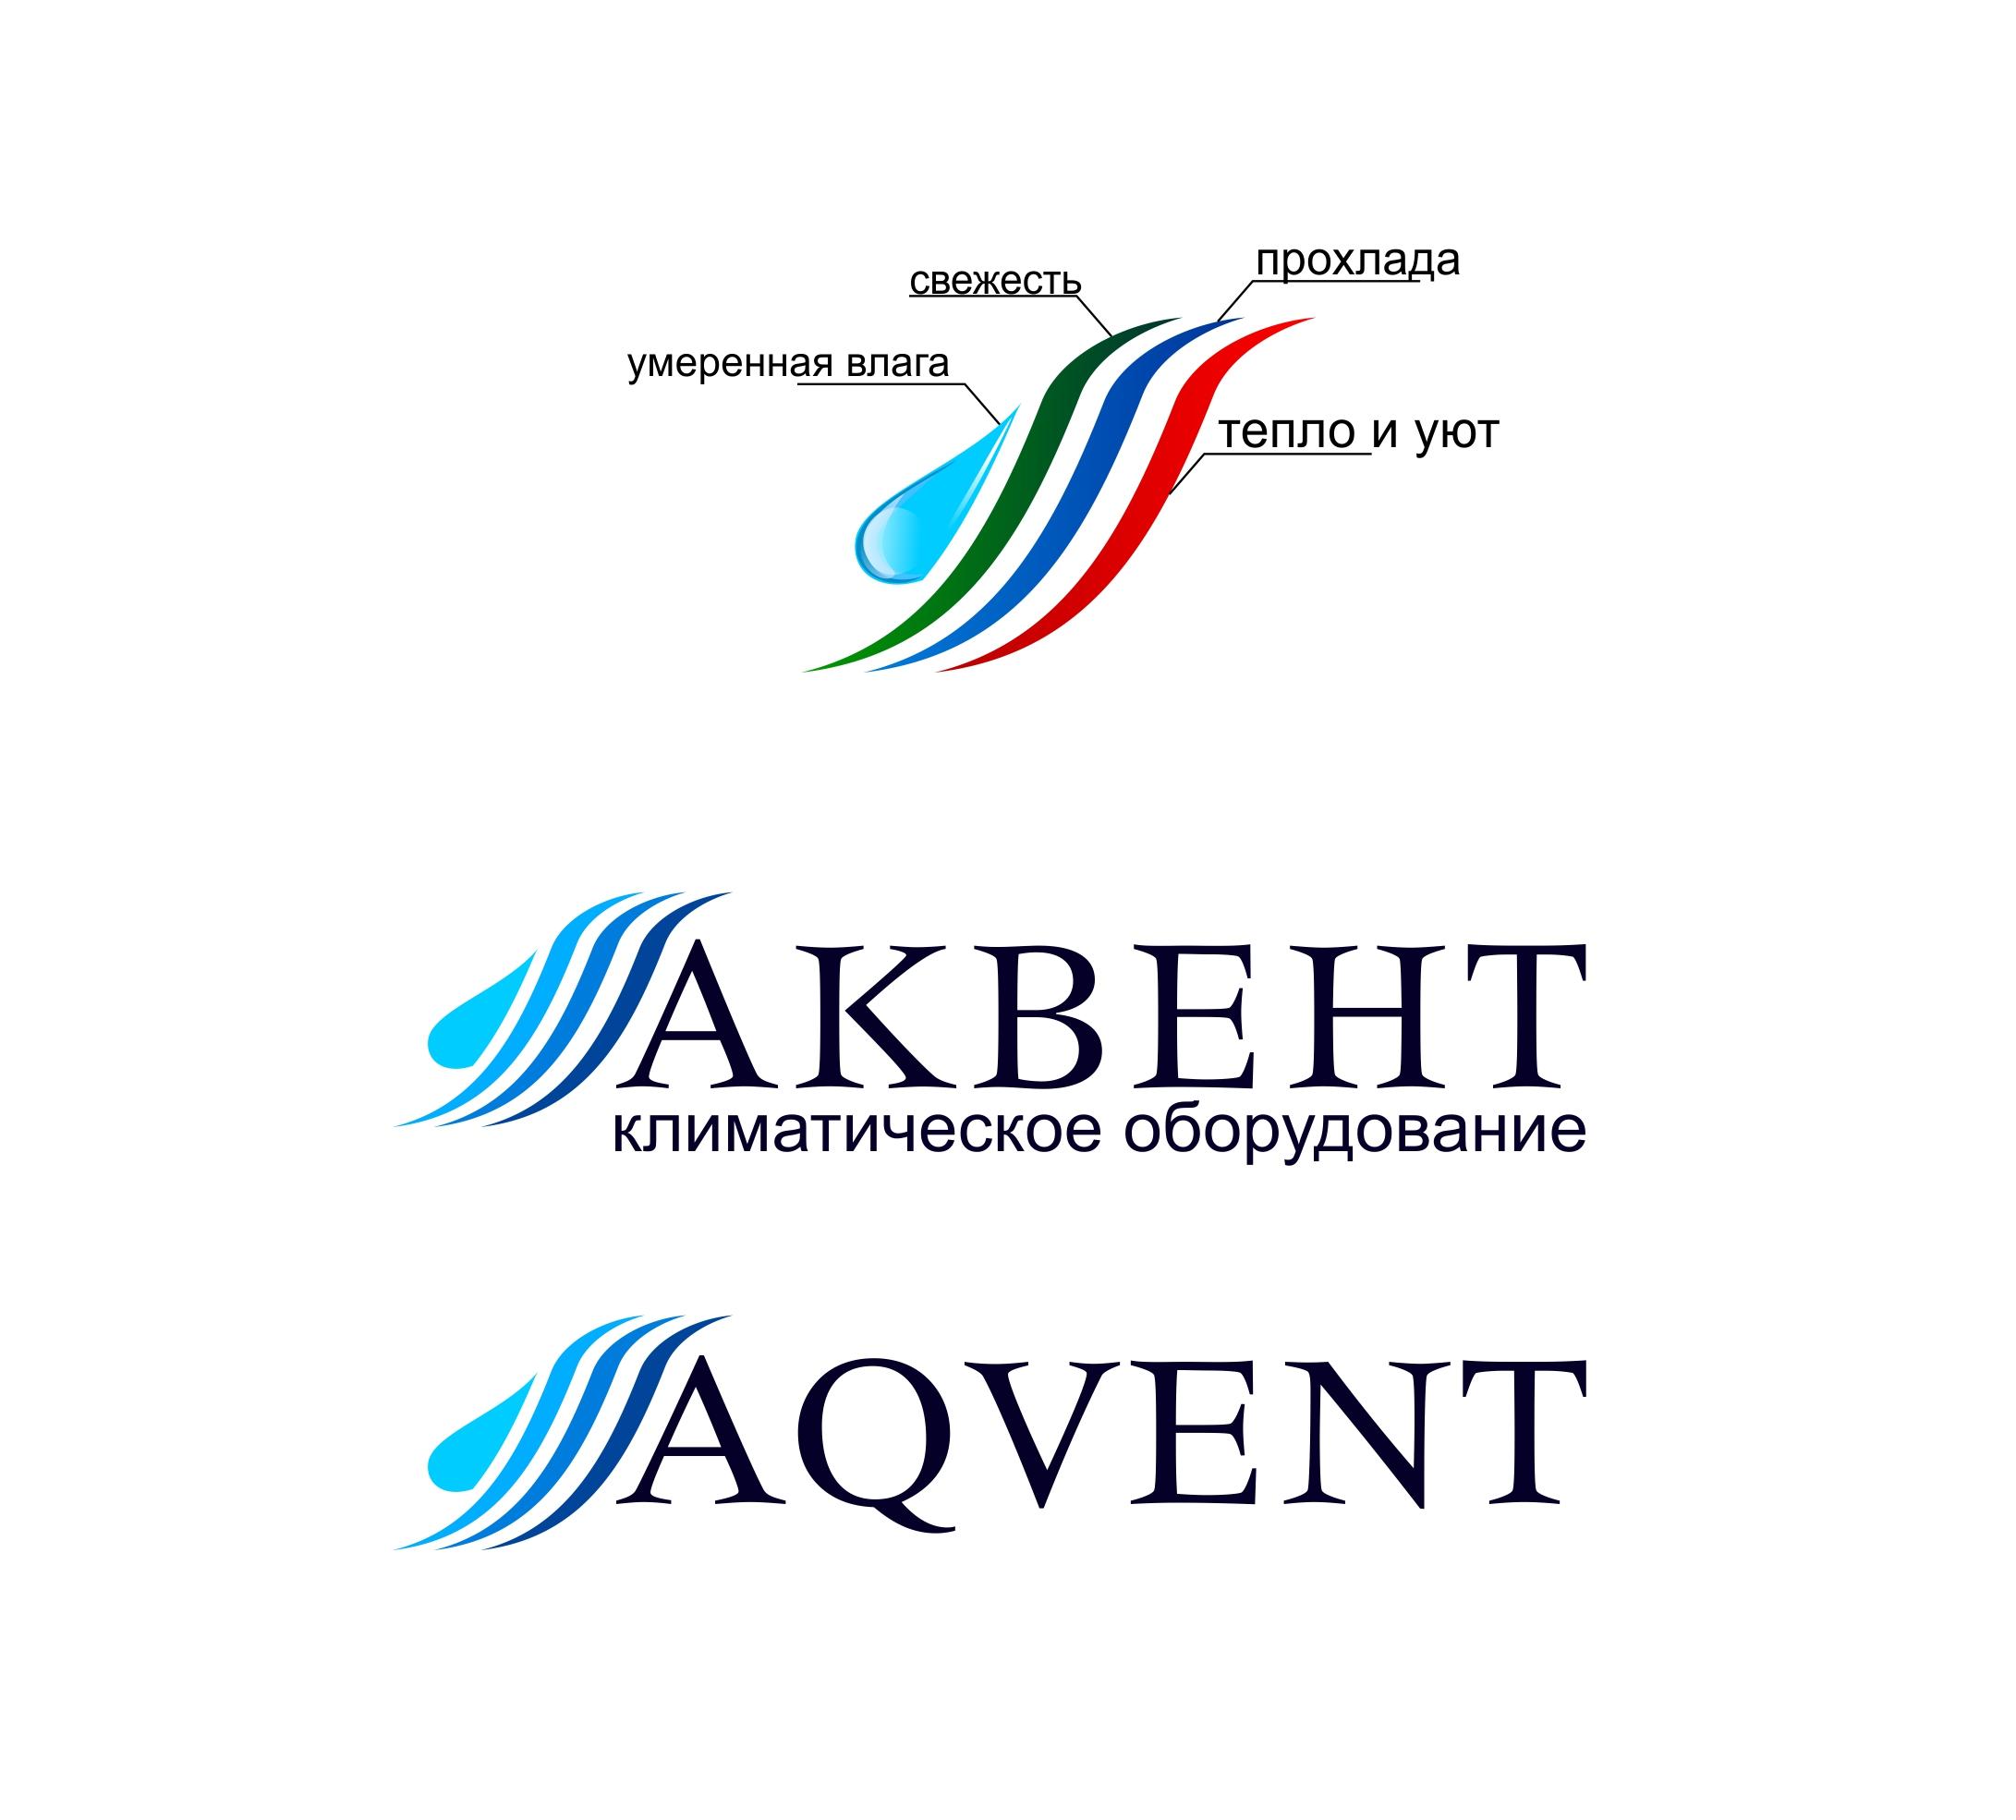 Логотип AQVENT фото f_613527e4efec7080.jpg